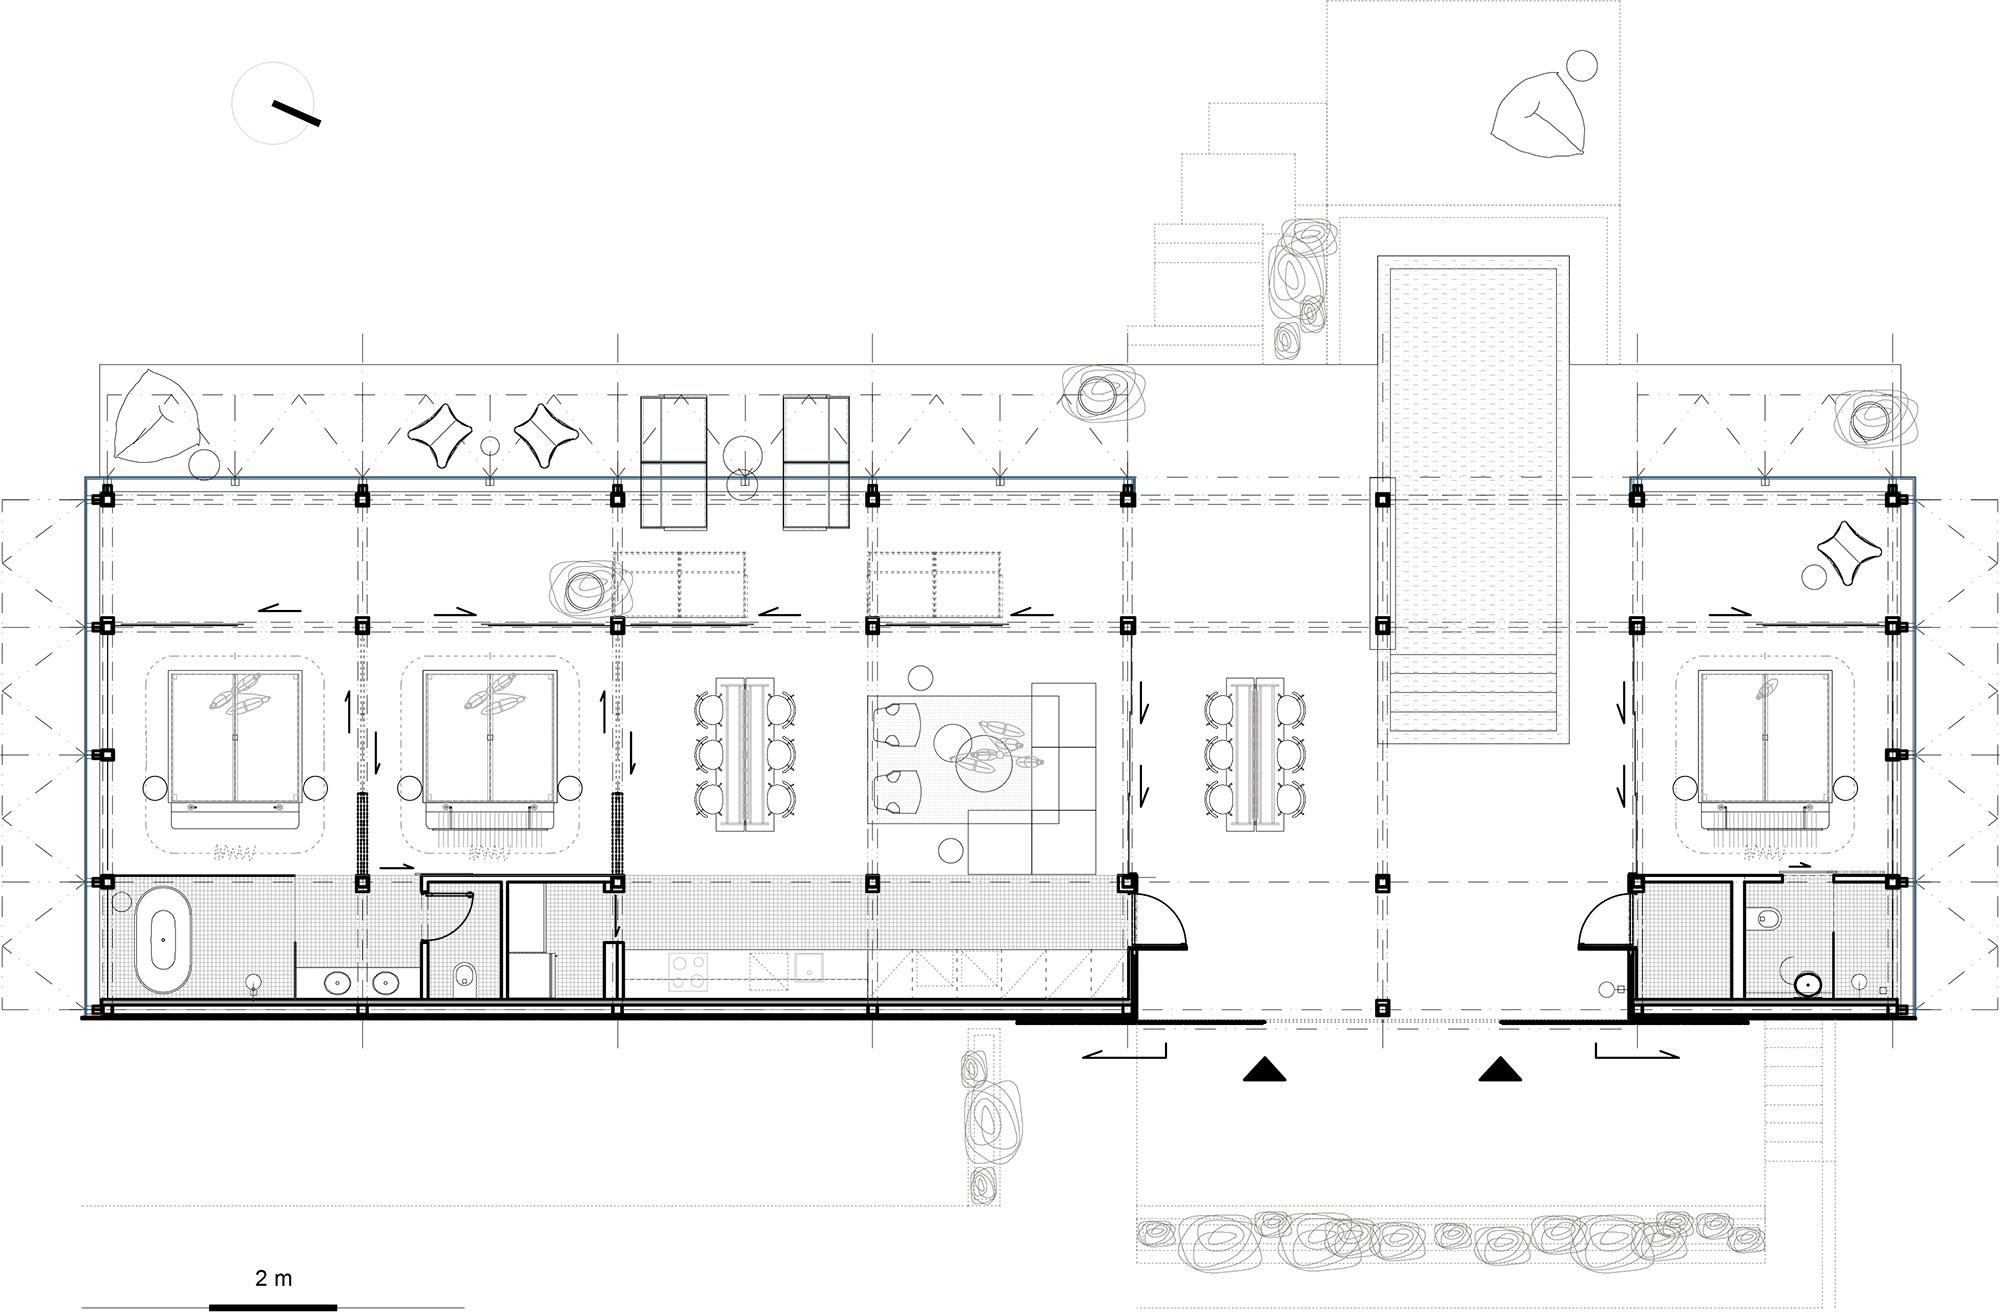 Der Grundriss der Atelier Villa, der ohne Flure auskommt und die Funktionsbereiche nebeneinander aufreiht.